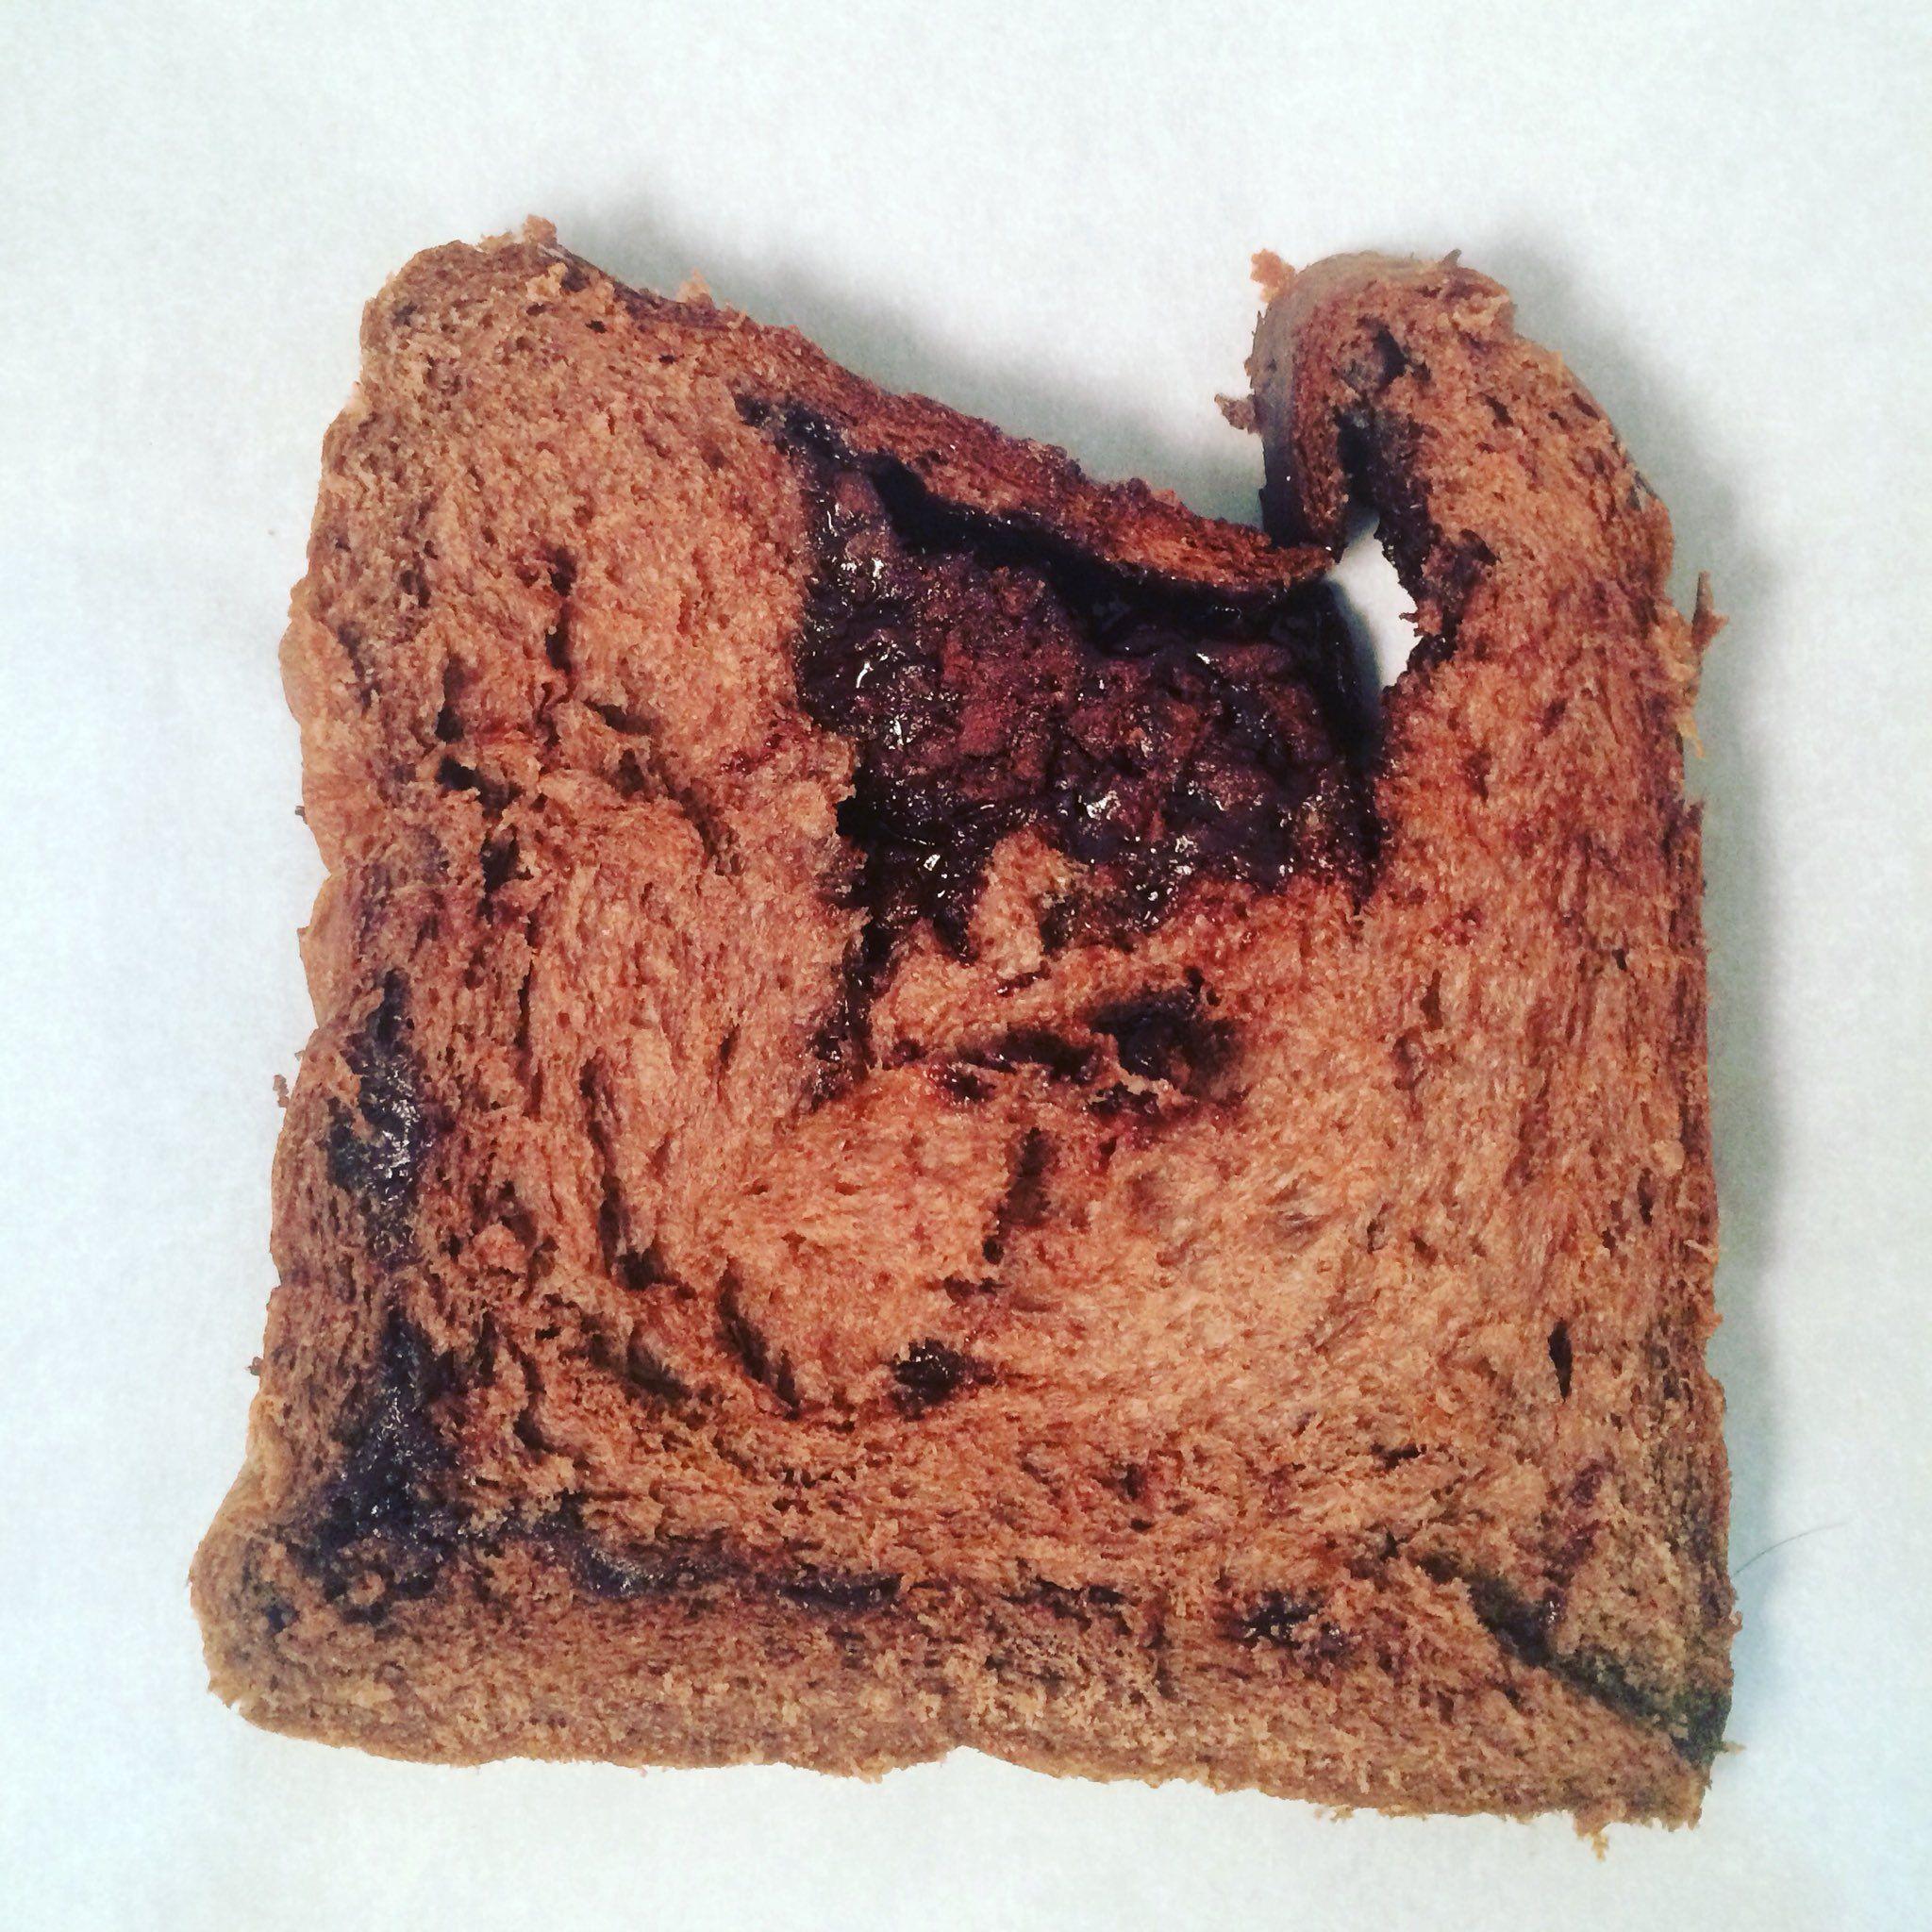 """パンラボ池田浩明 on Twitter: """"松山ベーカリーミキ、チョコレート食パン。カカオ生地の中に光り輝くチョコチップ。ふわふわ即とろとろ。噛まずにじょじょじょーとお口で溶けチョコドリンク。バター感とチョコが並外れた濃度で混ざり合うハイカロリー感も、スライスする手が止まらず https://t.co/bqrzz6rHiA"""""""